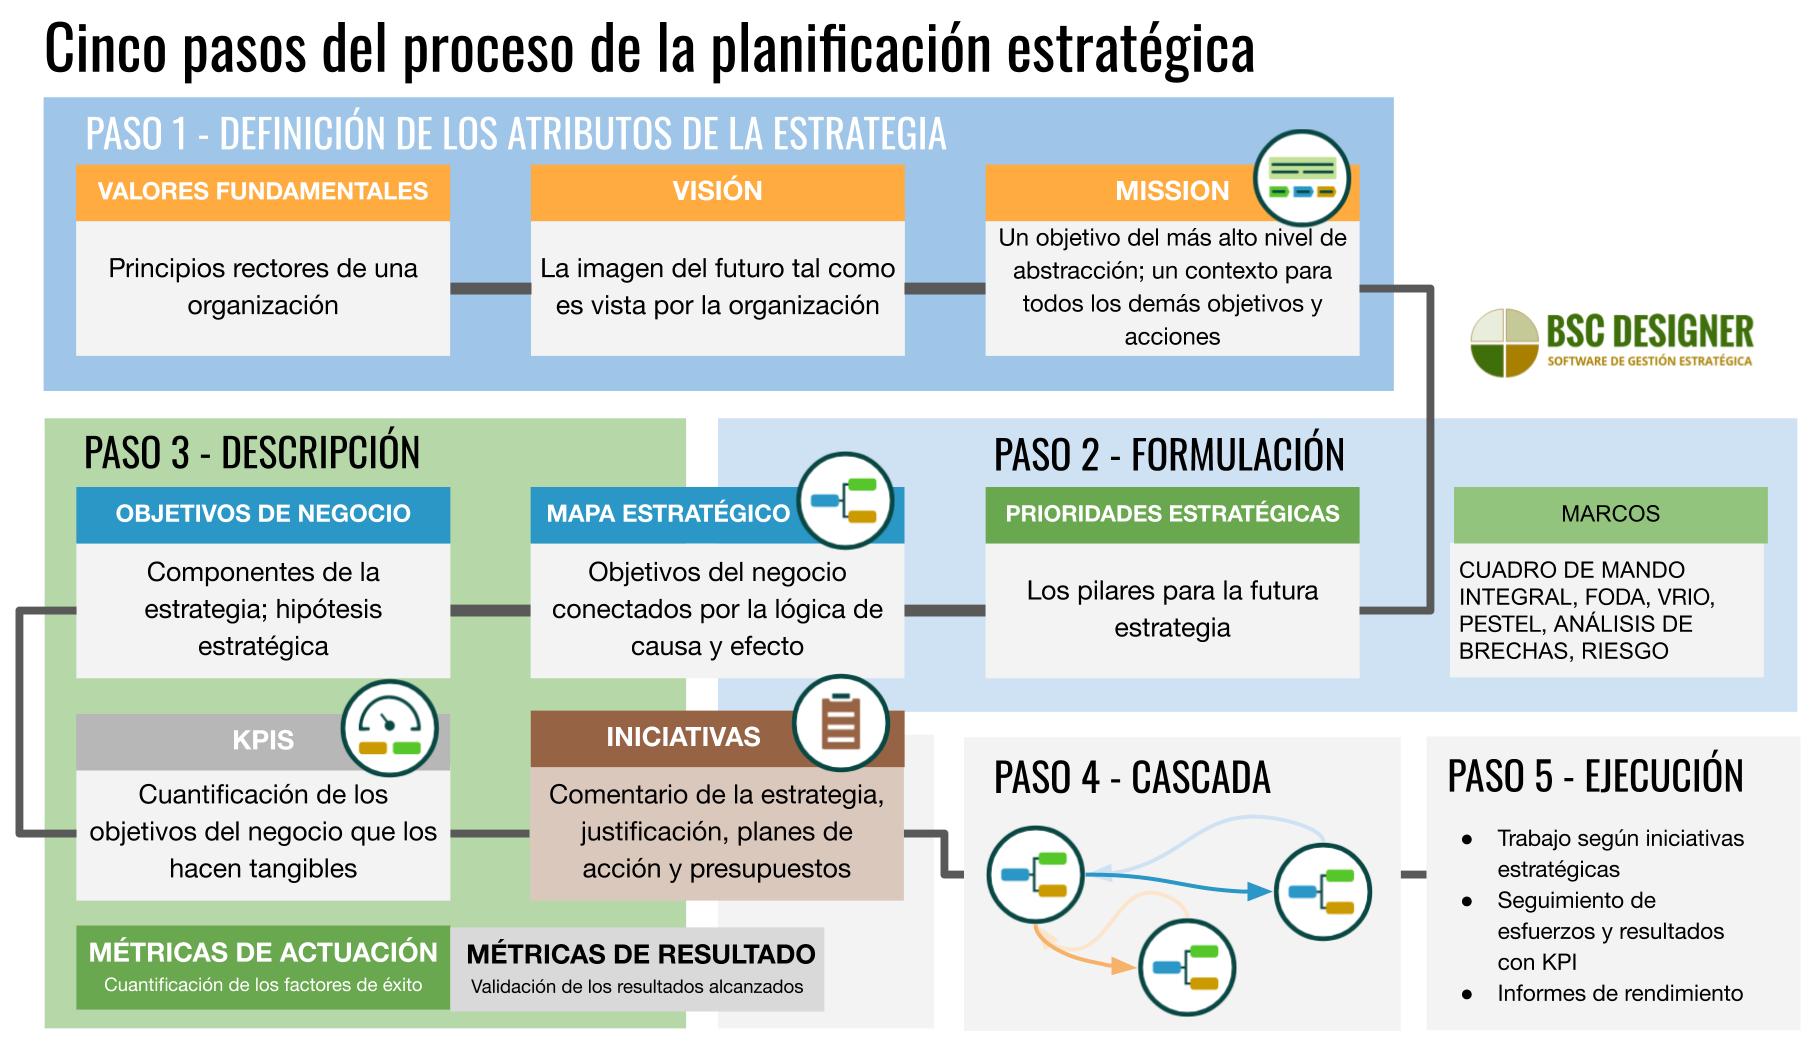 5 pasos del proceso de planificación estratégica desde la definición de valores, visión y misión hasta la descripción de la estrategia en mapas estratégicos con objetivos del negocio, KPIs e iniciativas.